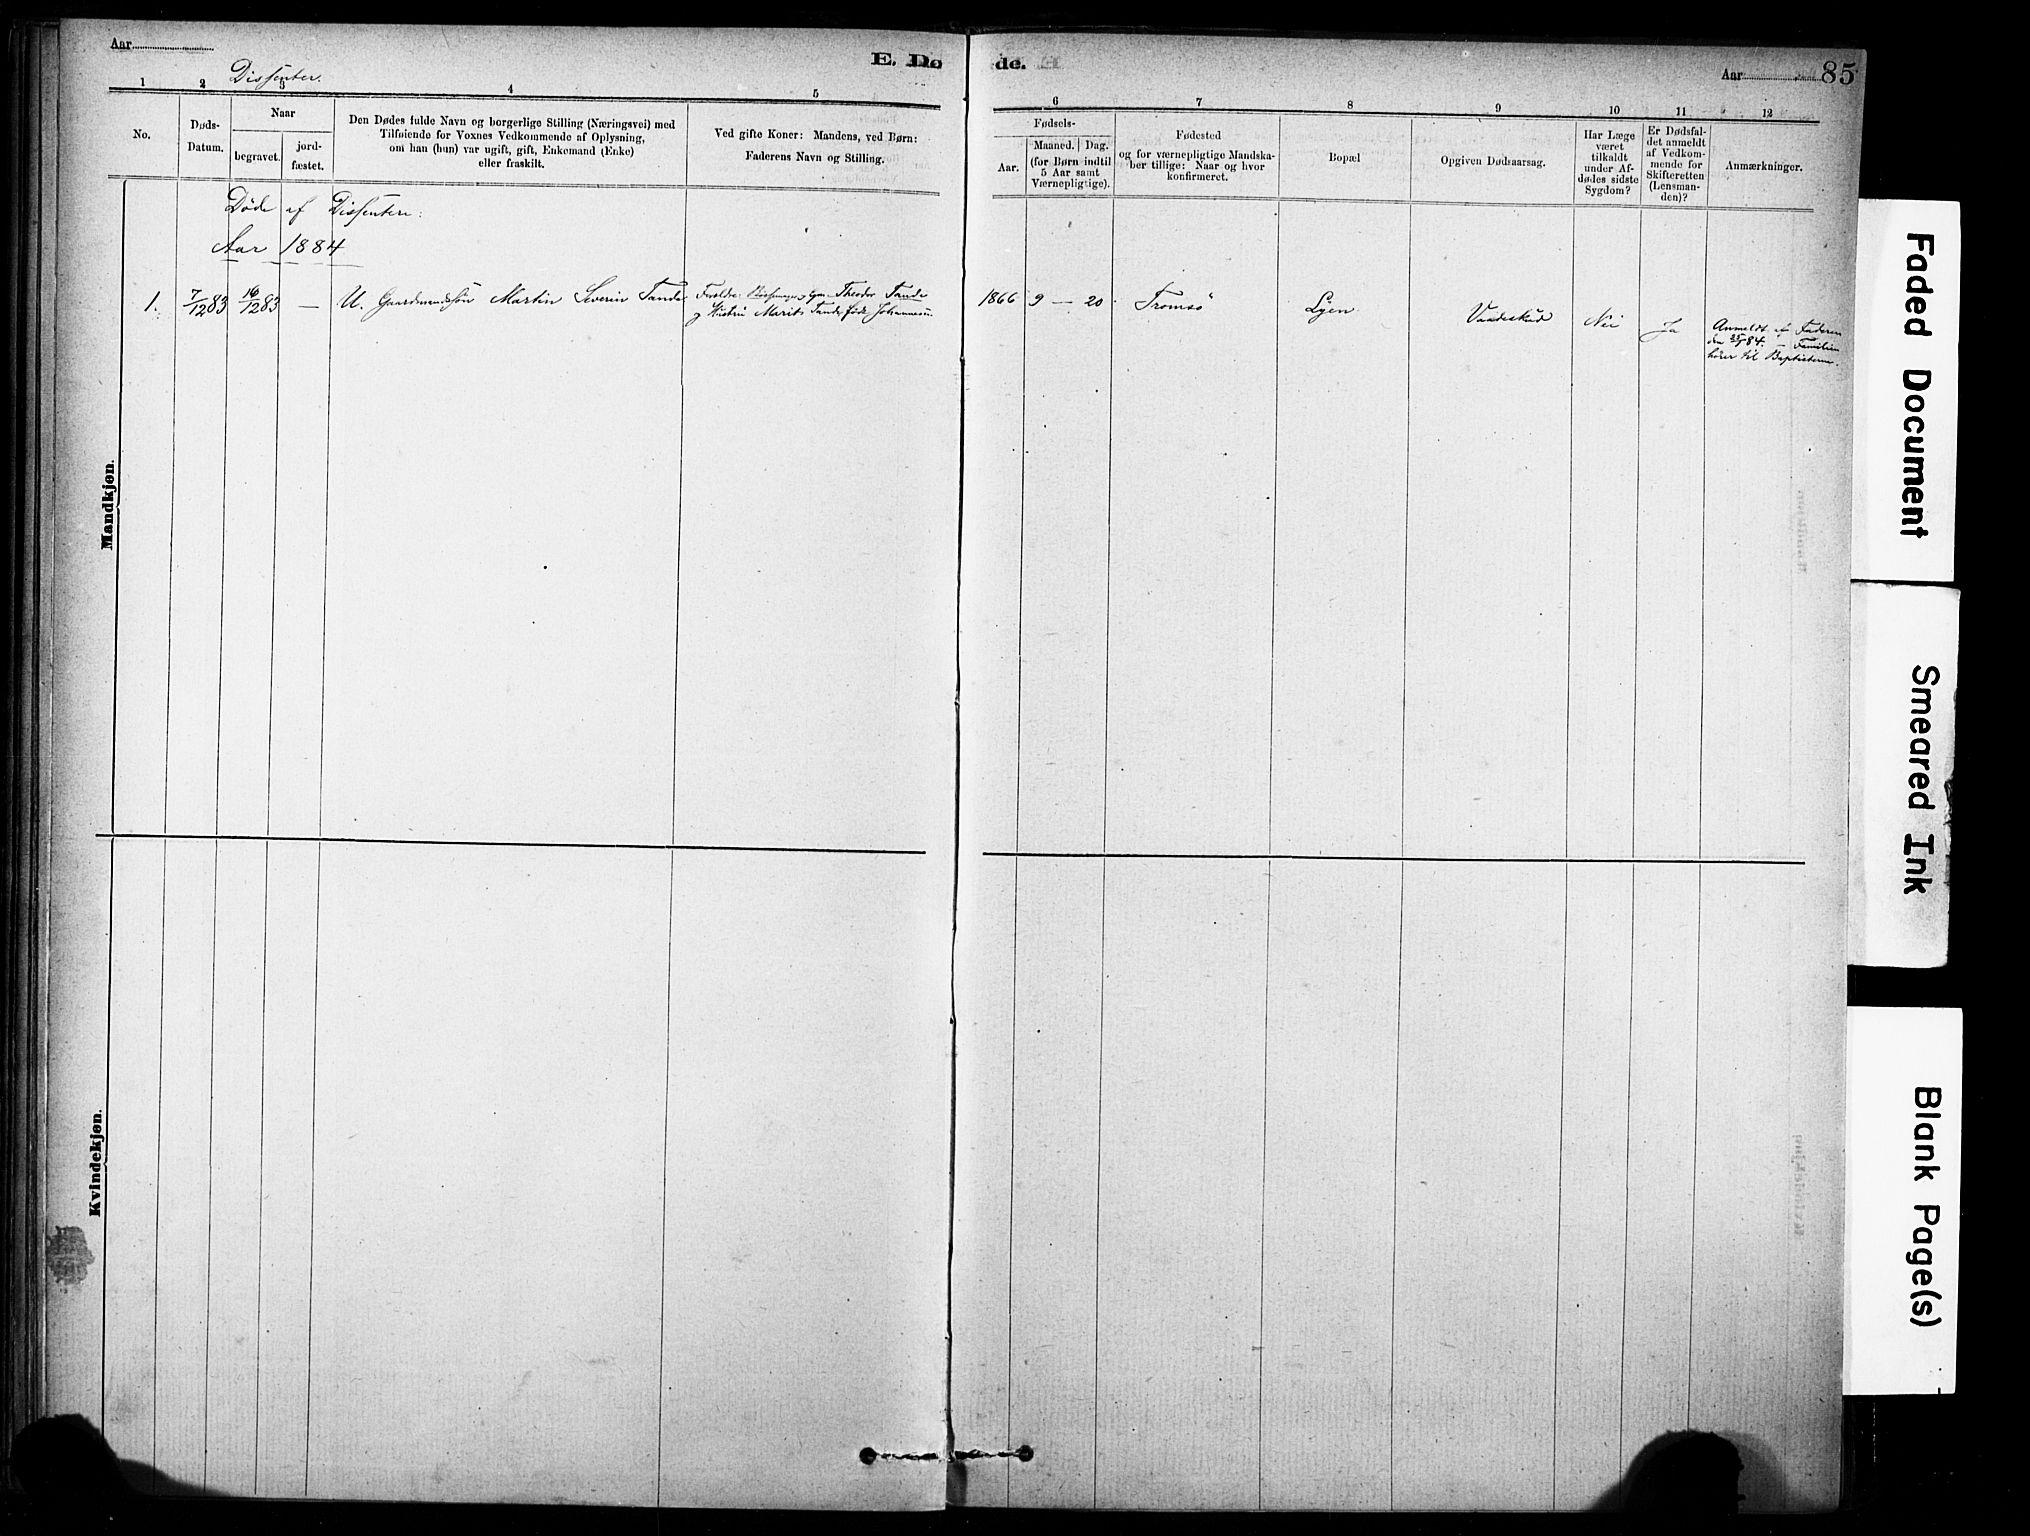 SAT, Ministerialprotokoller, klokkerbøker og fødselsregistre - Sør-Trøndelag, 635/L0551: Ministerialbok nr. 635A01, 1882-1899, s. 85